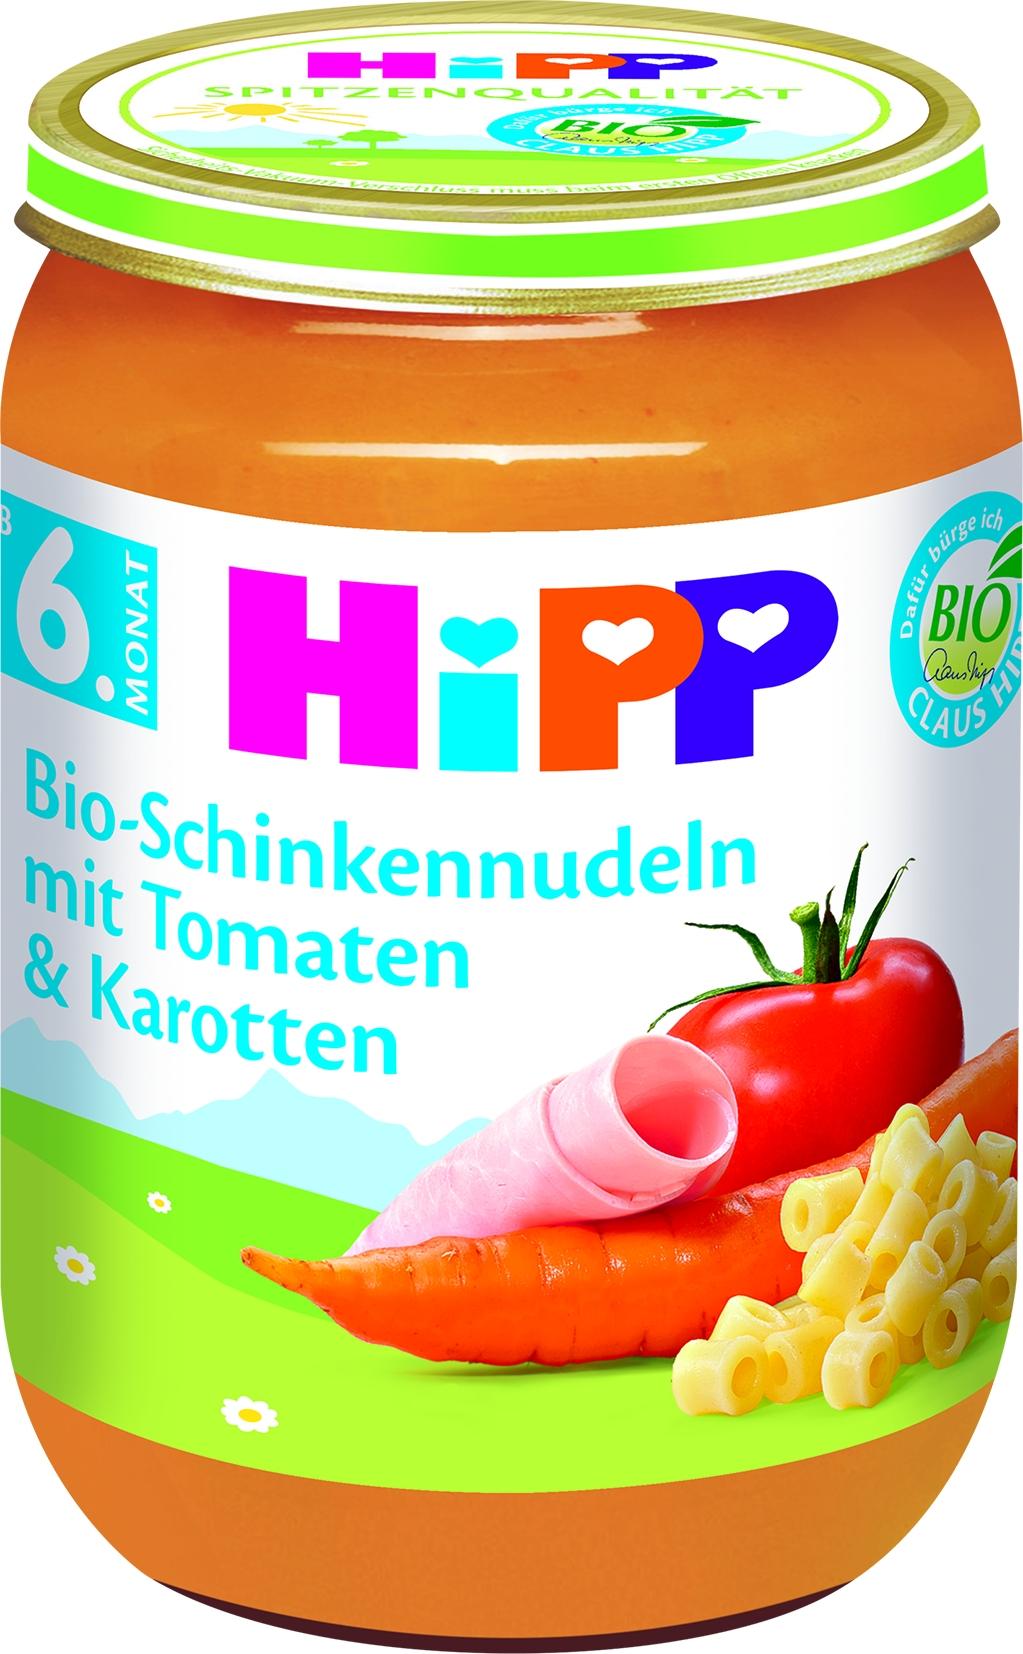 Bio 6210 Schinkennudeln m.Tomate/Karotte